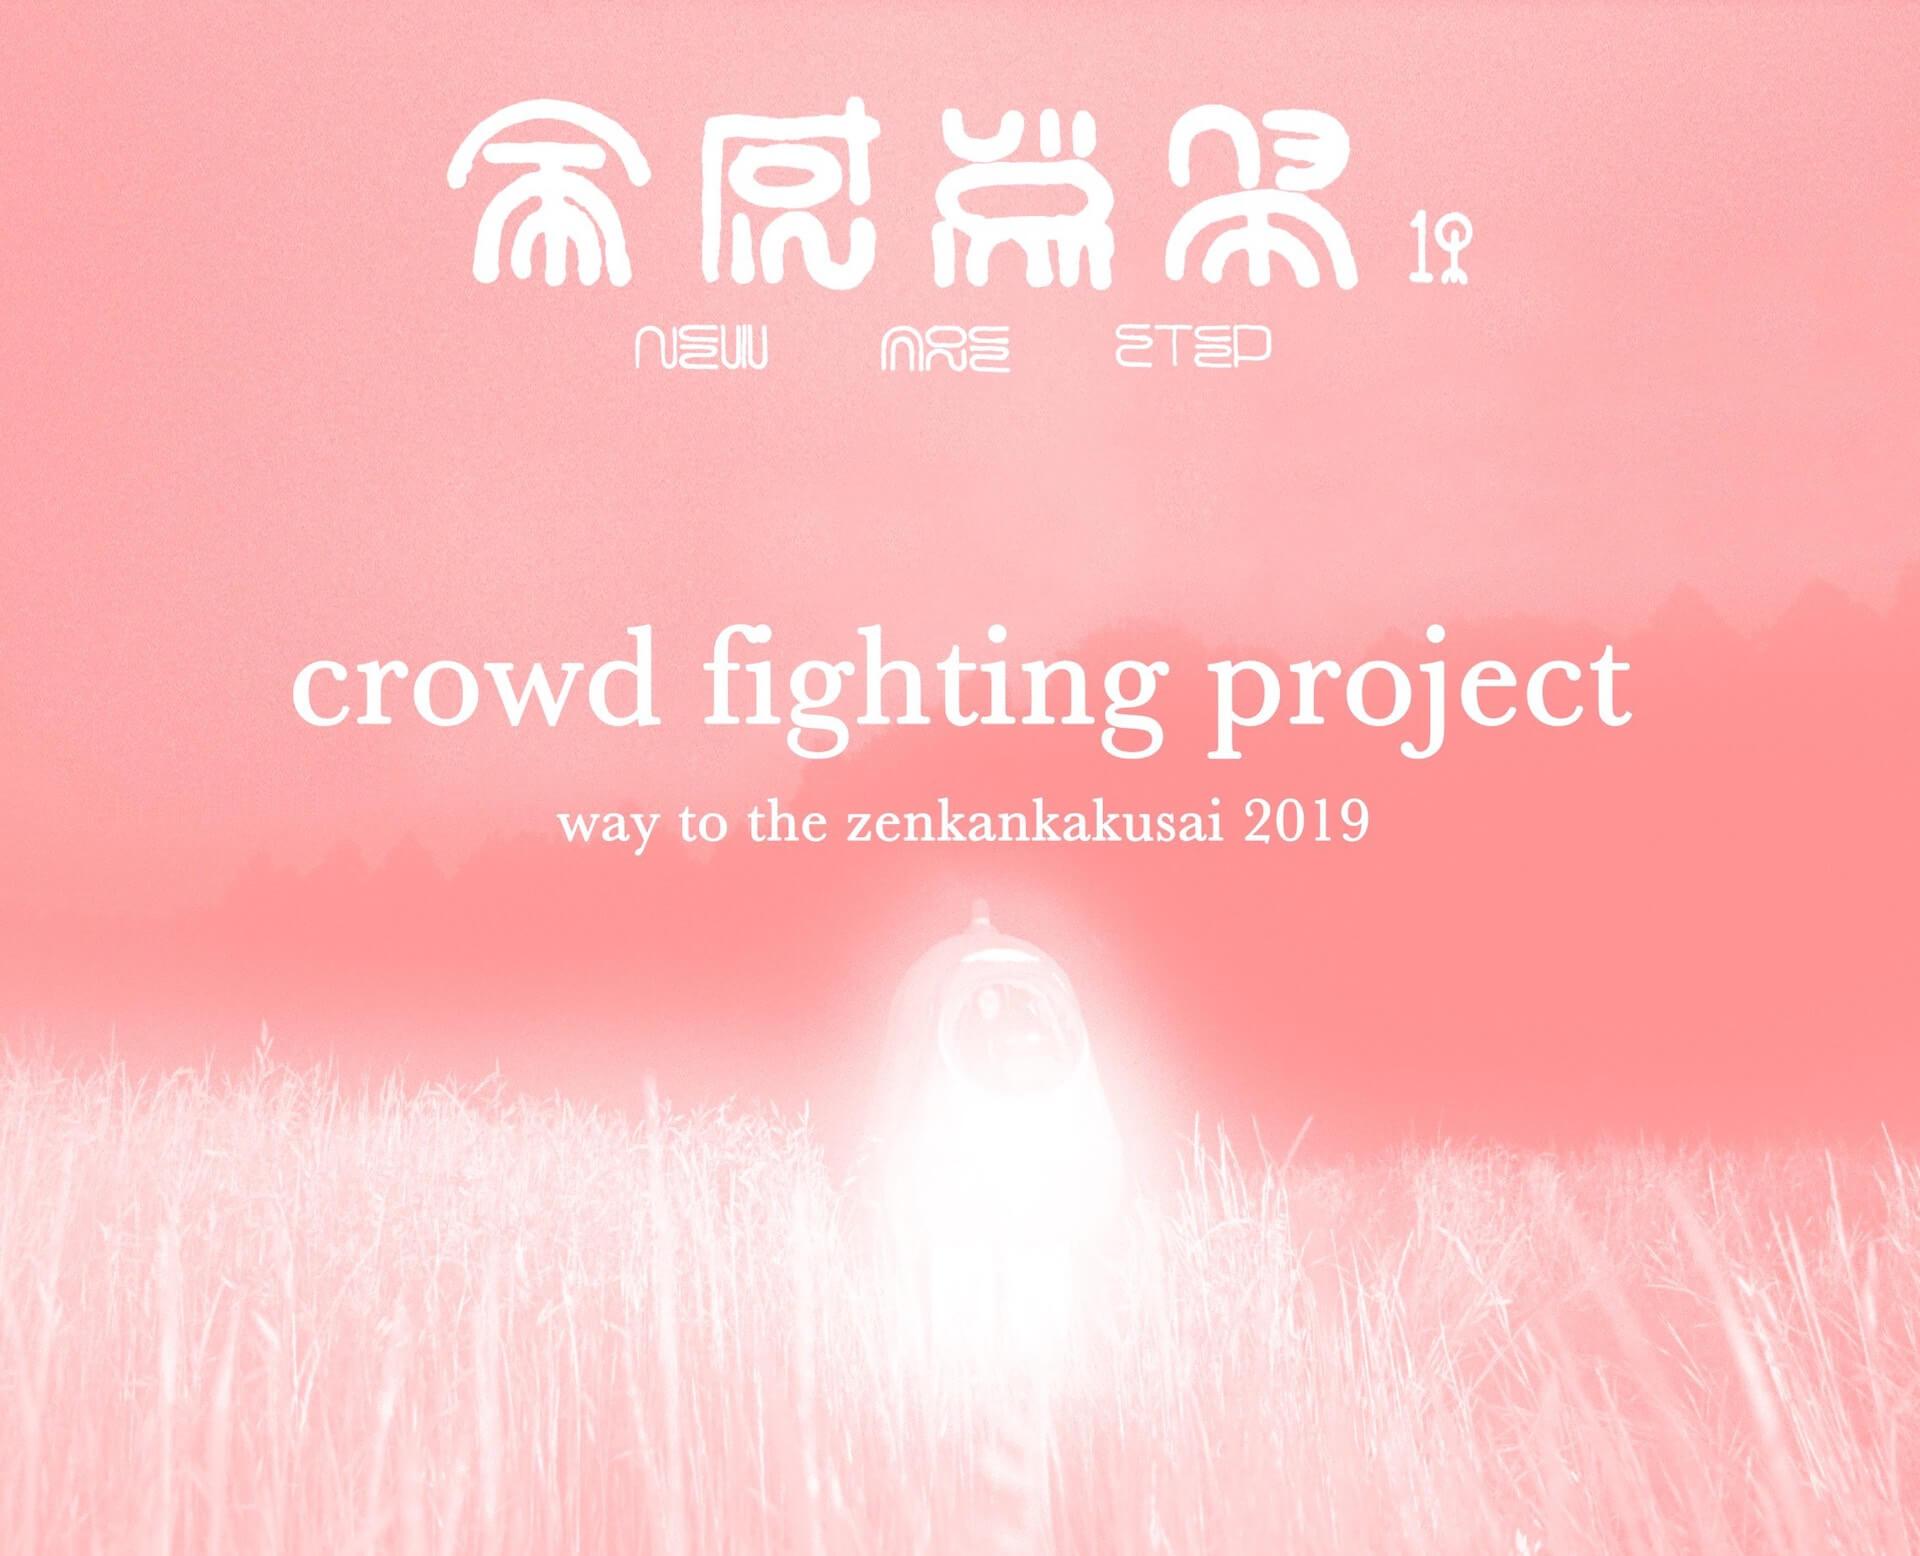 GEZAN、全感覚祭に向け「全感覚クラウドファイティング」開設|開催までを記録したドキュメント映像も公開